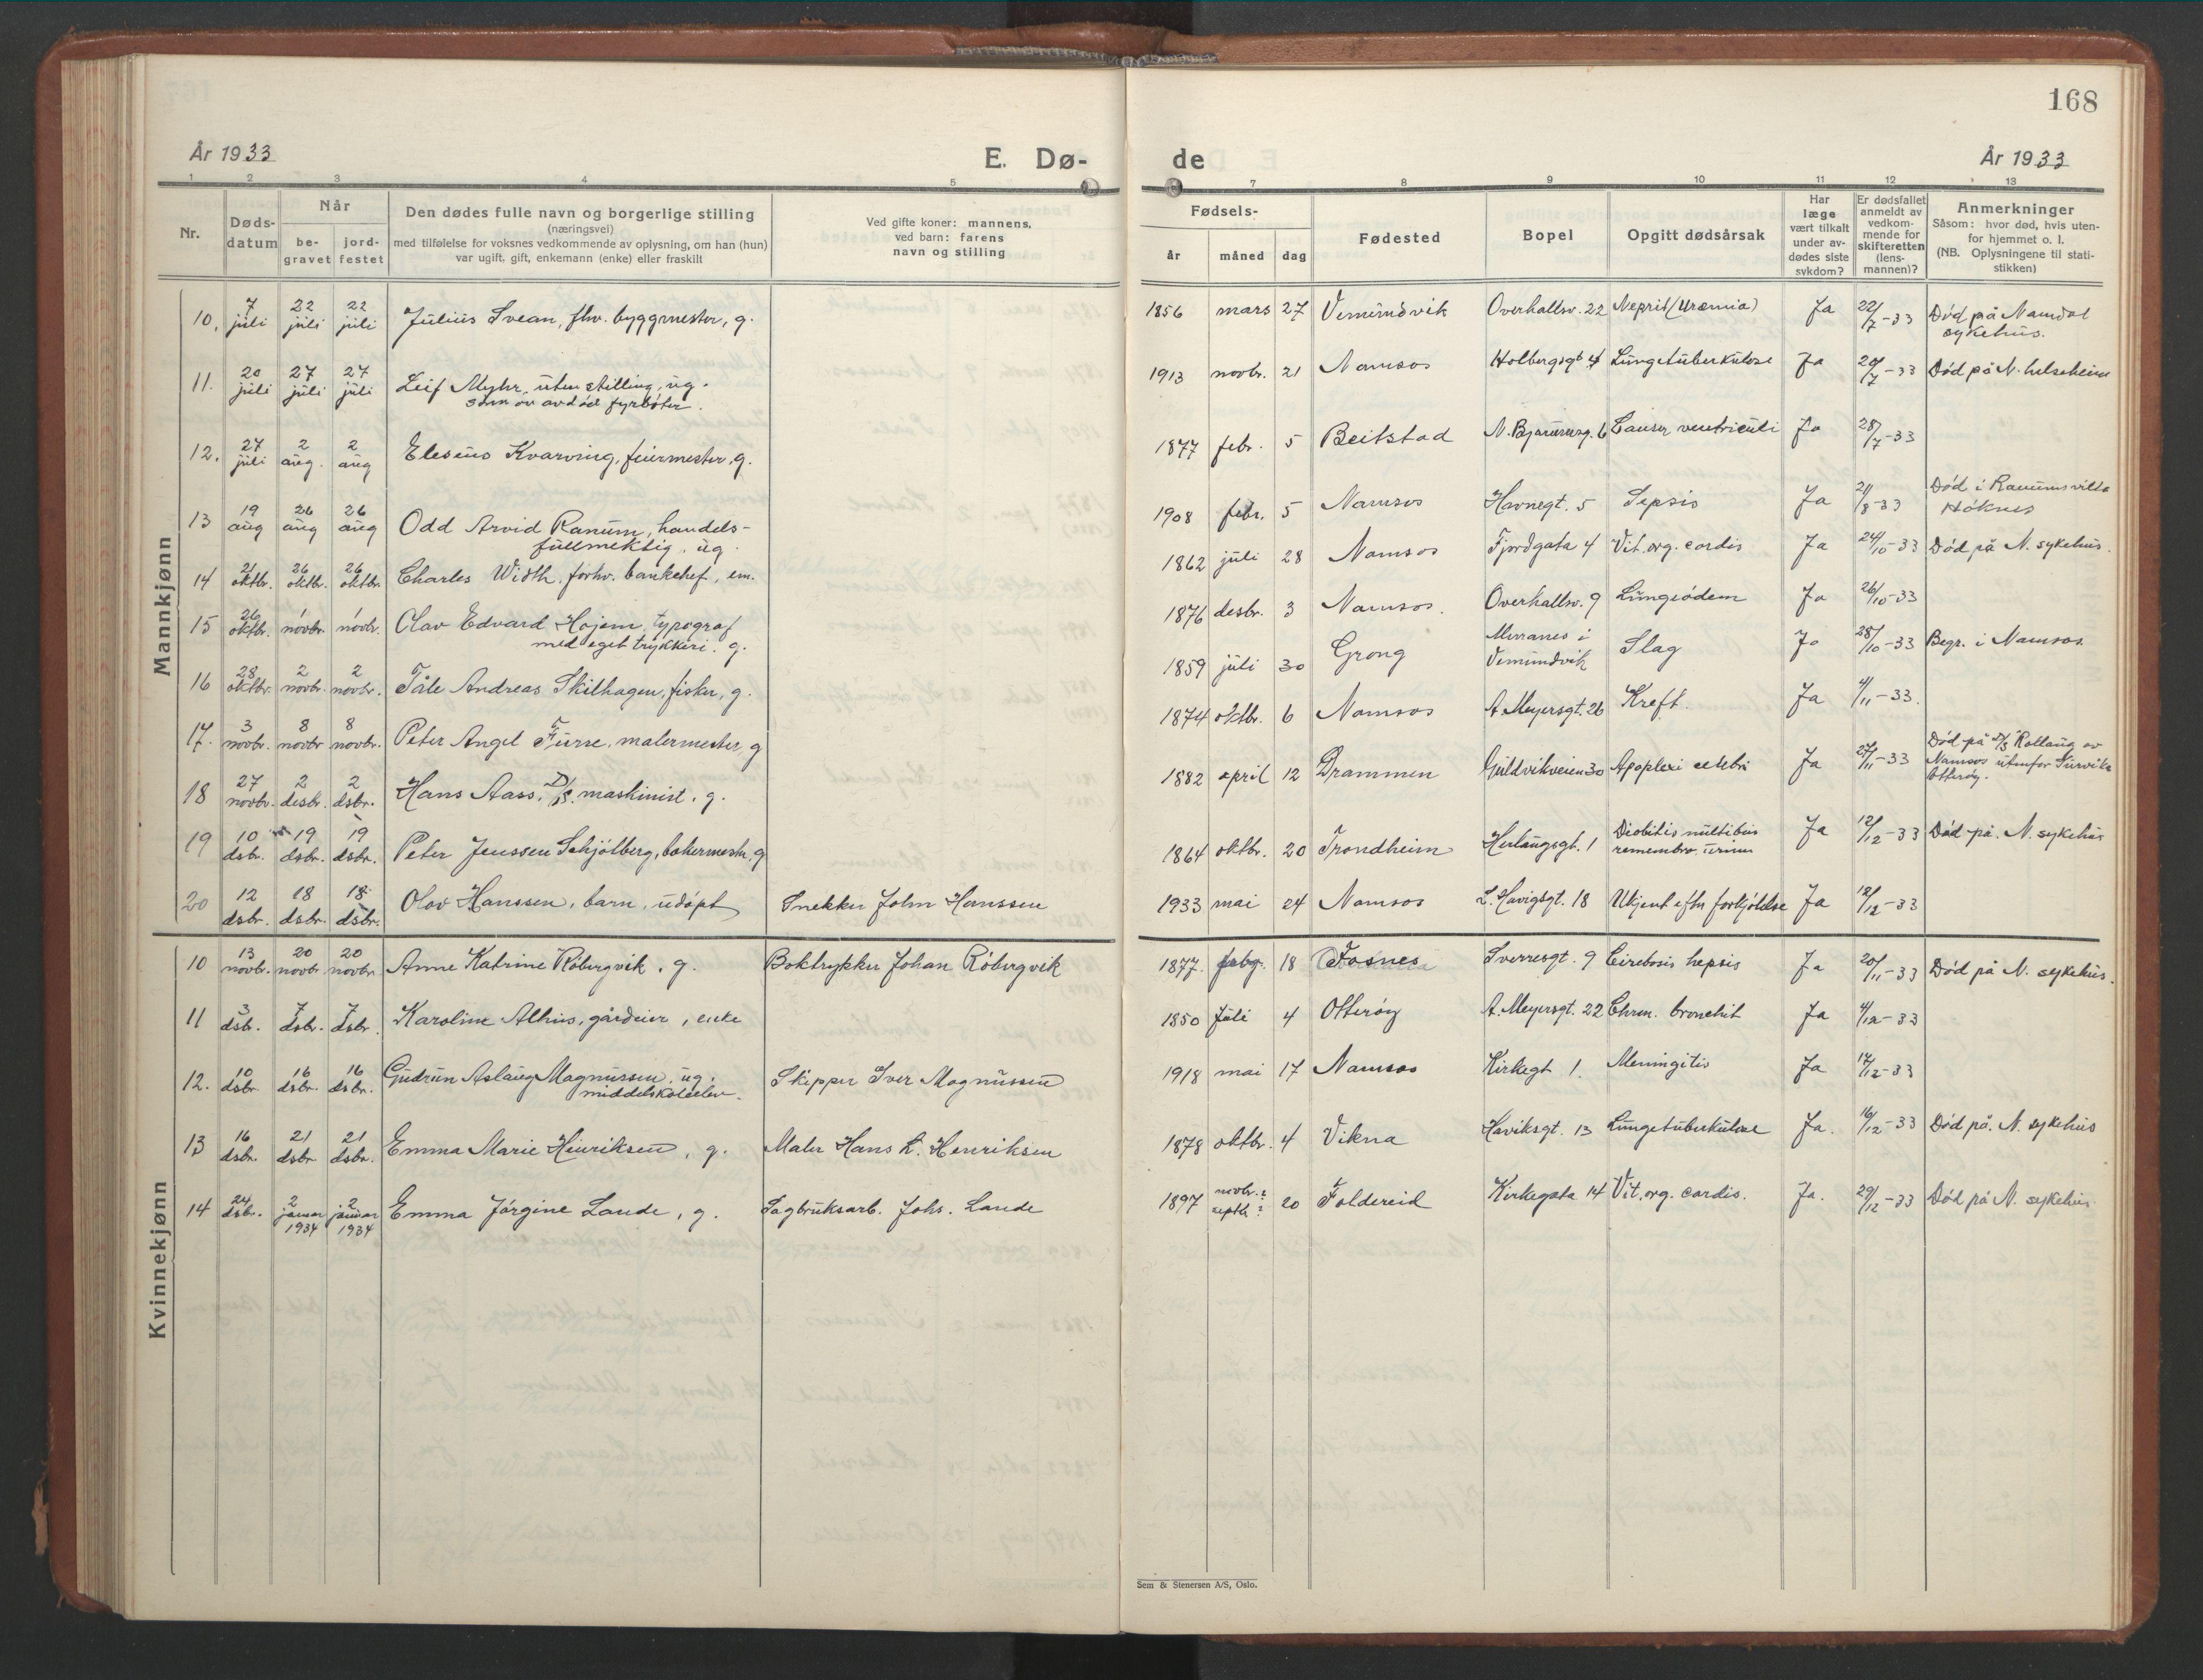 SAT, Ministerialprotokoller, klokkerbøker og fødselsregistre - Nord-Trøndelag, 768/L0583: Klokkerbok nr. 768C01, 1928-1953, s. 168